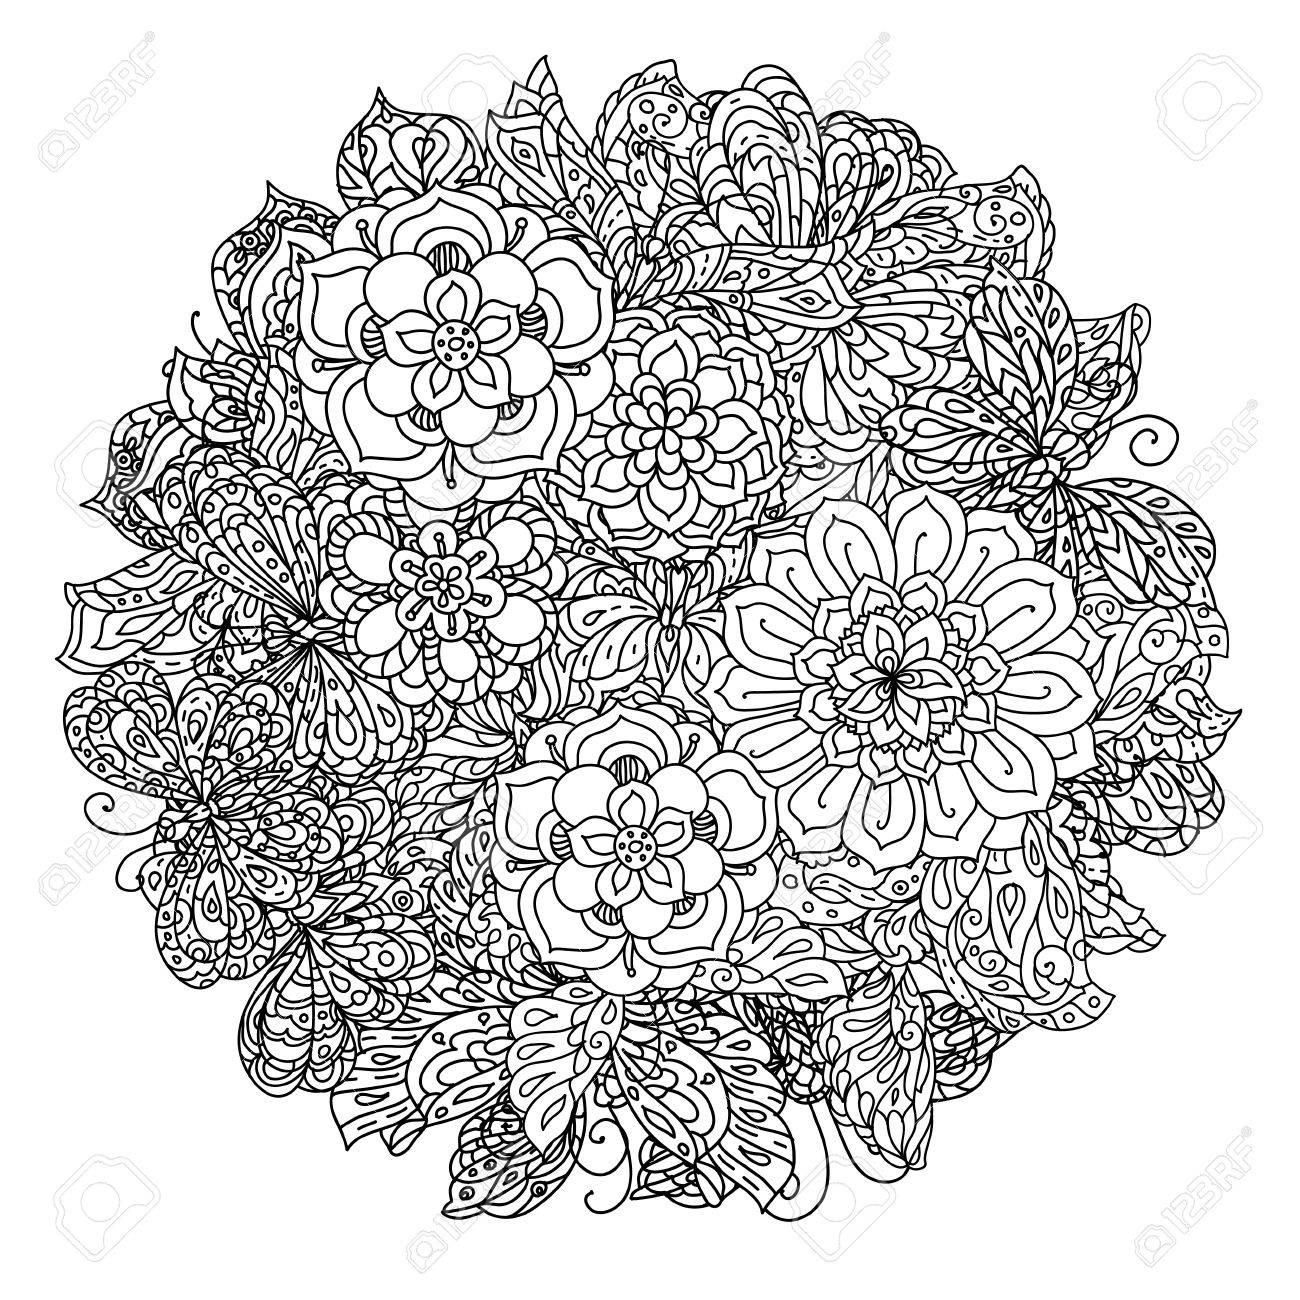 Sin Colorear Flores Y Mariposas Para Colorear De Adultos En El ...